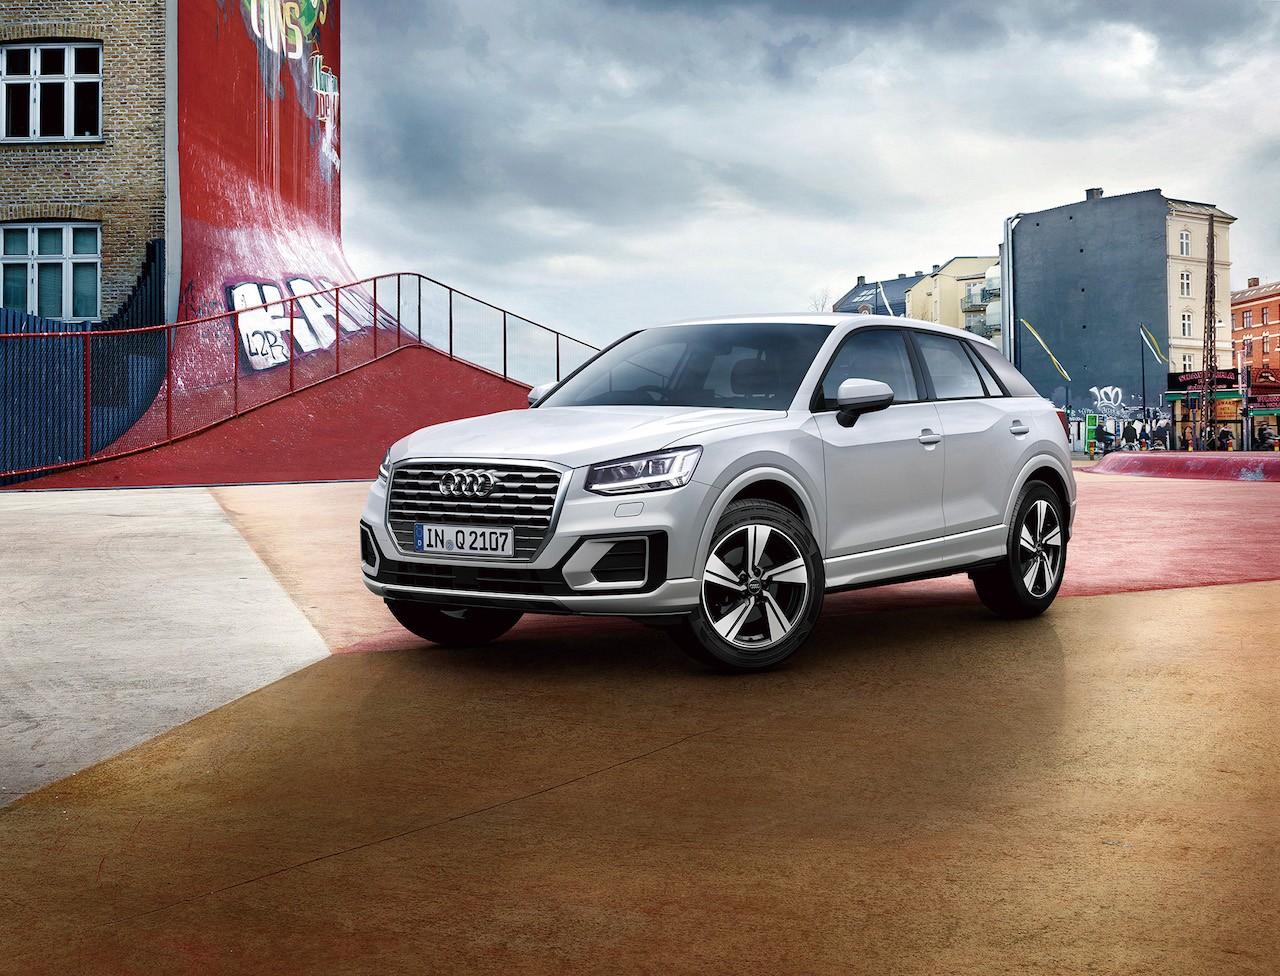 Thị trường xe - Khách hàng Việt khó có cơ hội sở hữu Audi Q2 Touring